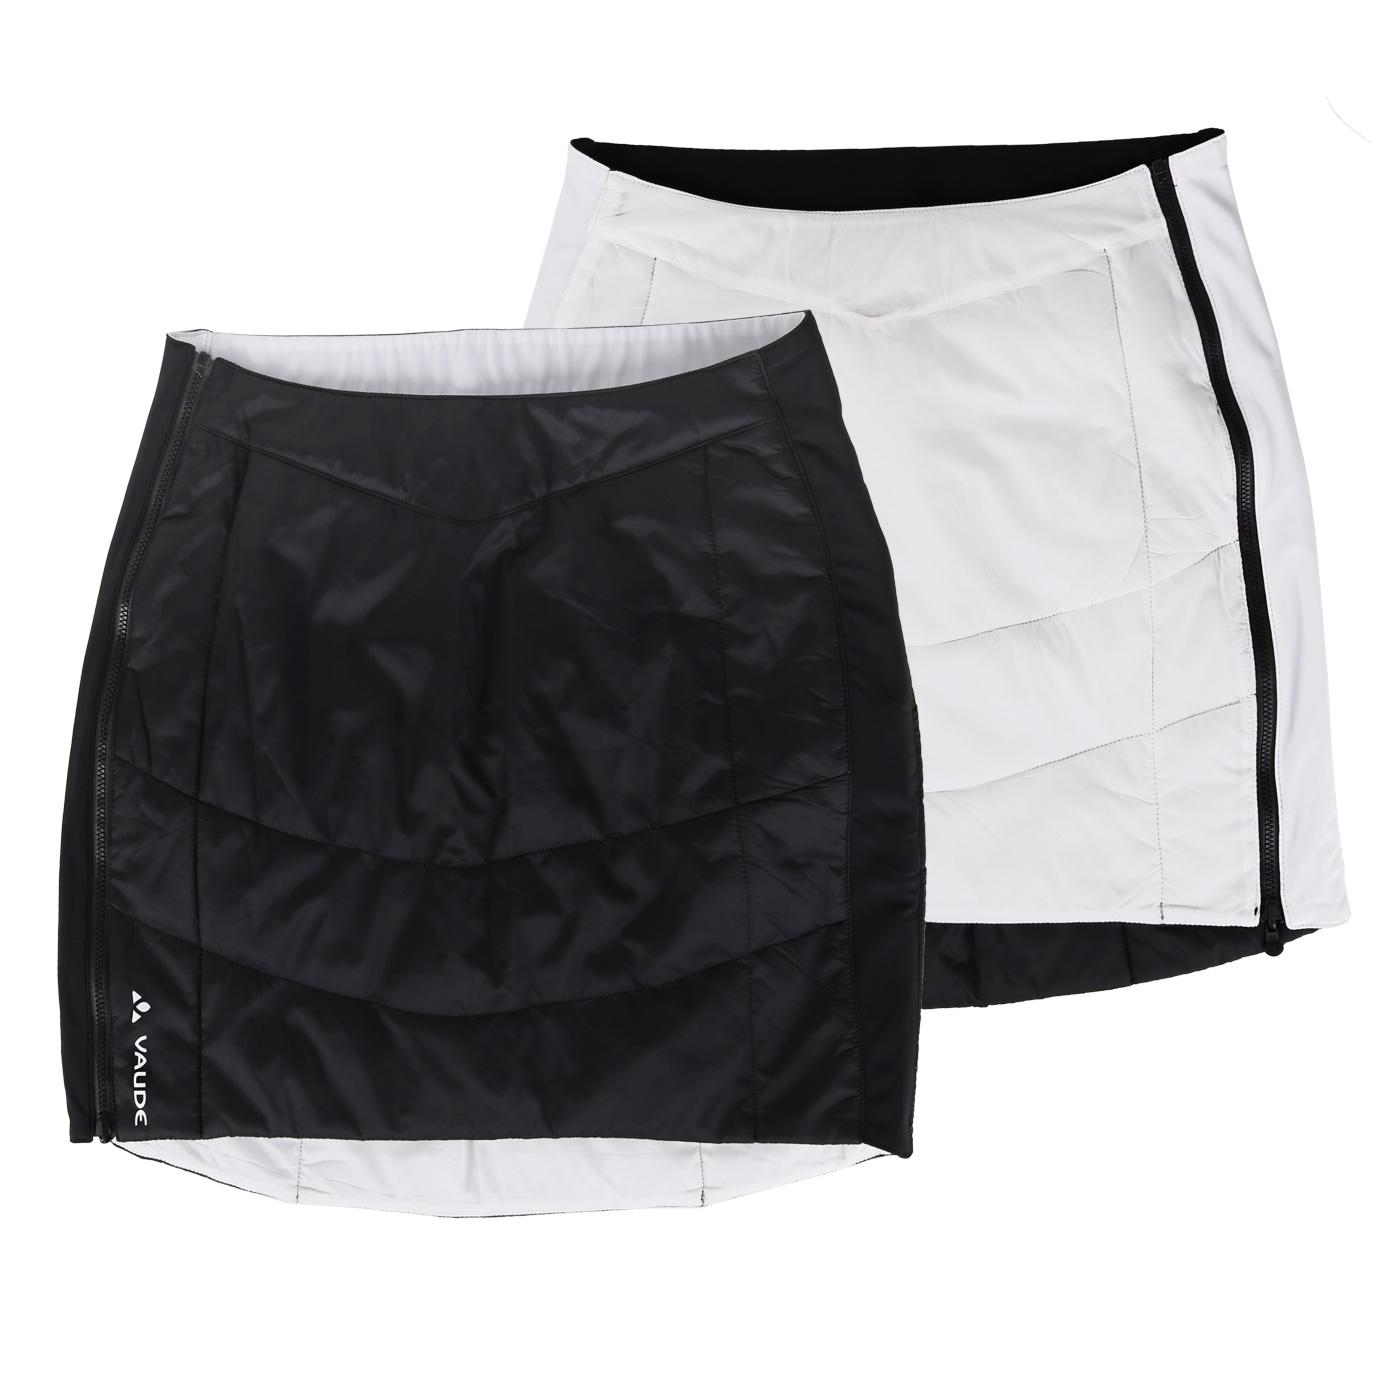 Vaude Women's Sesvenna Reversible Skirt - black/white